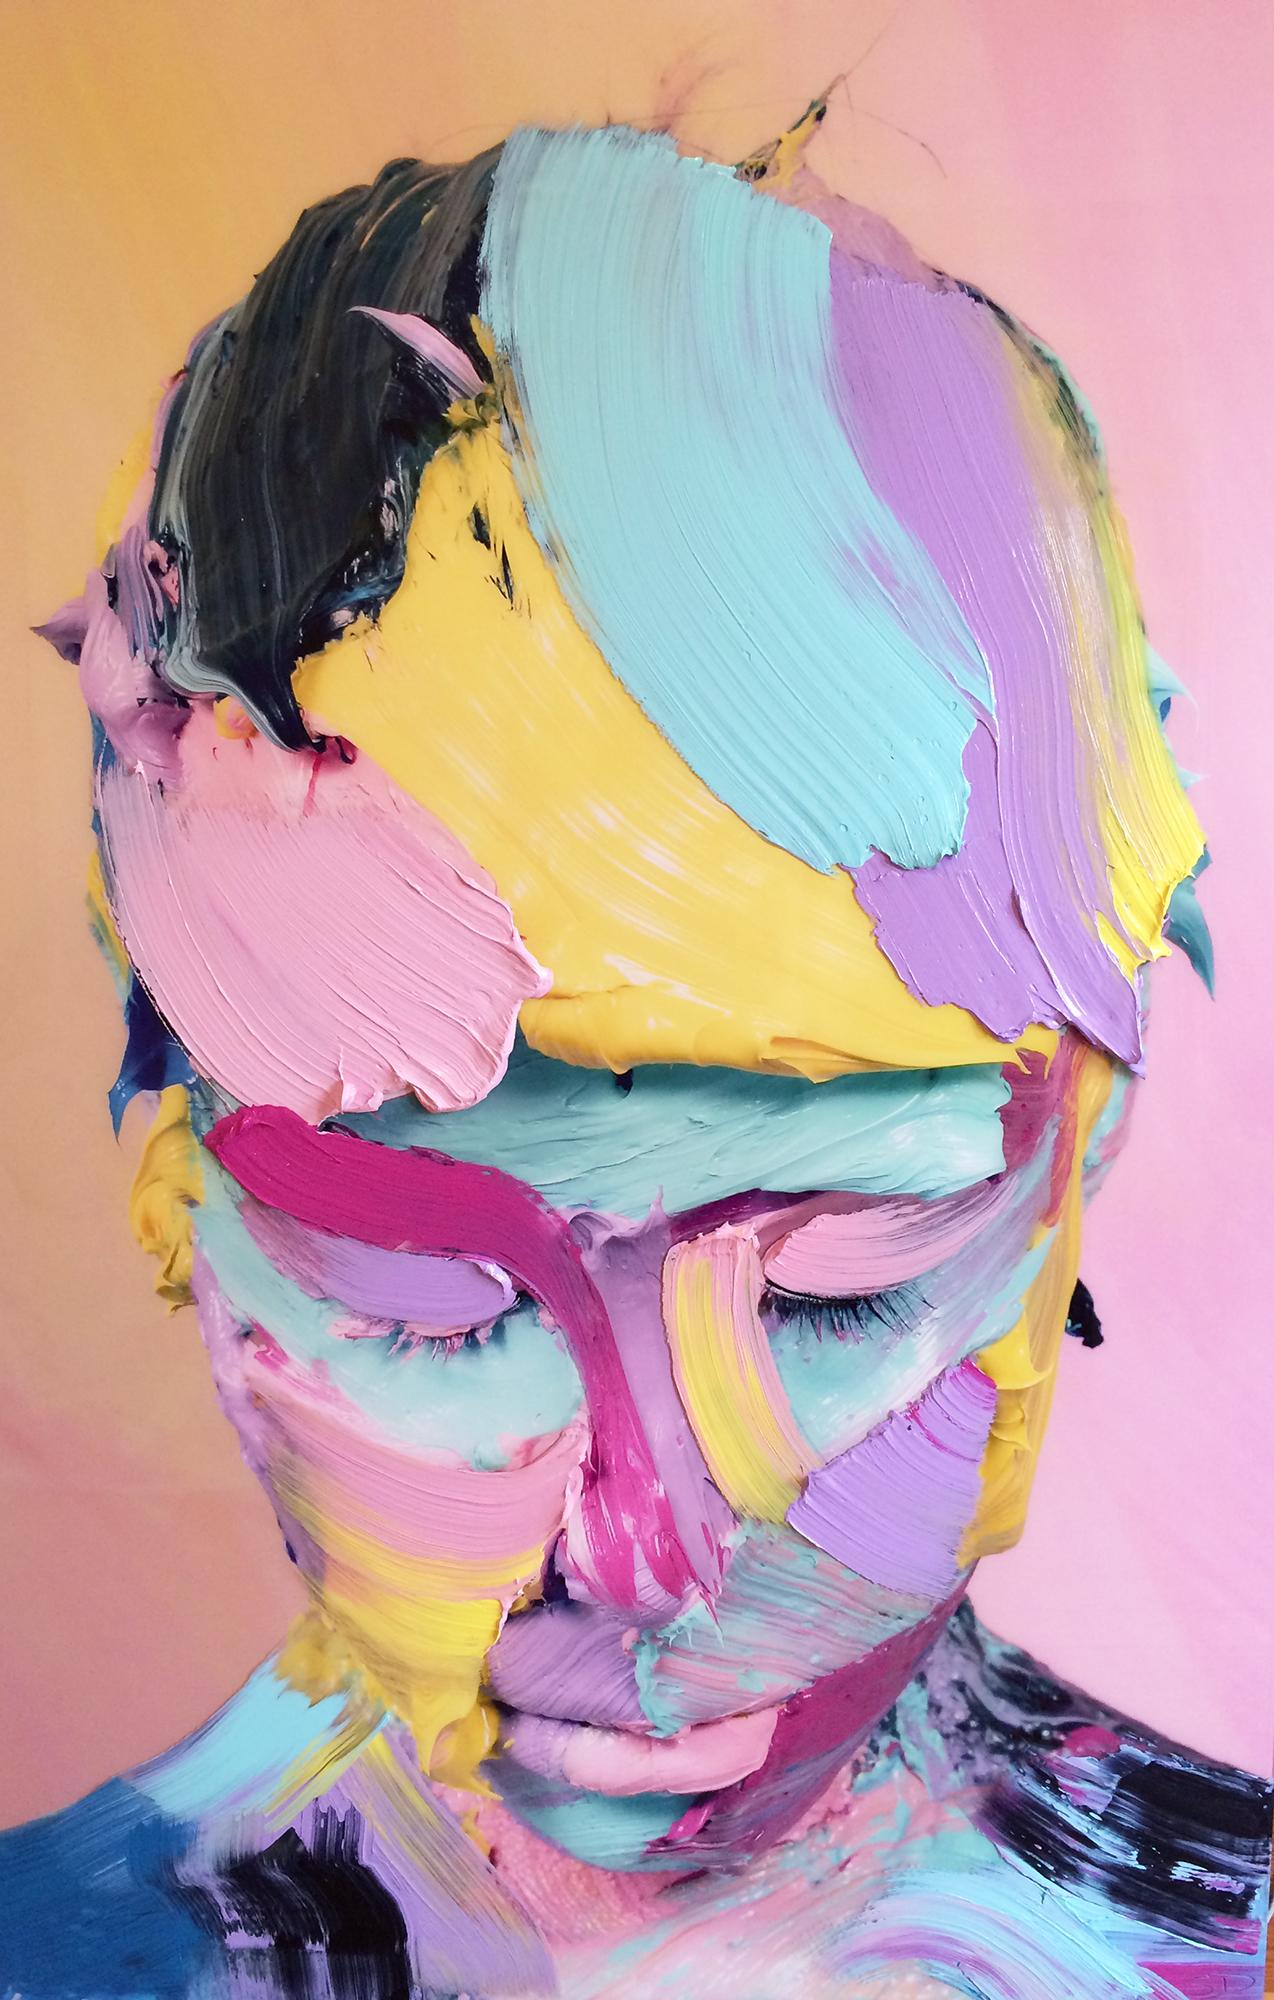 FEINT - Yellow/Pink #1